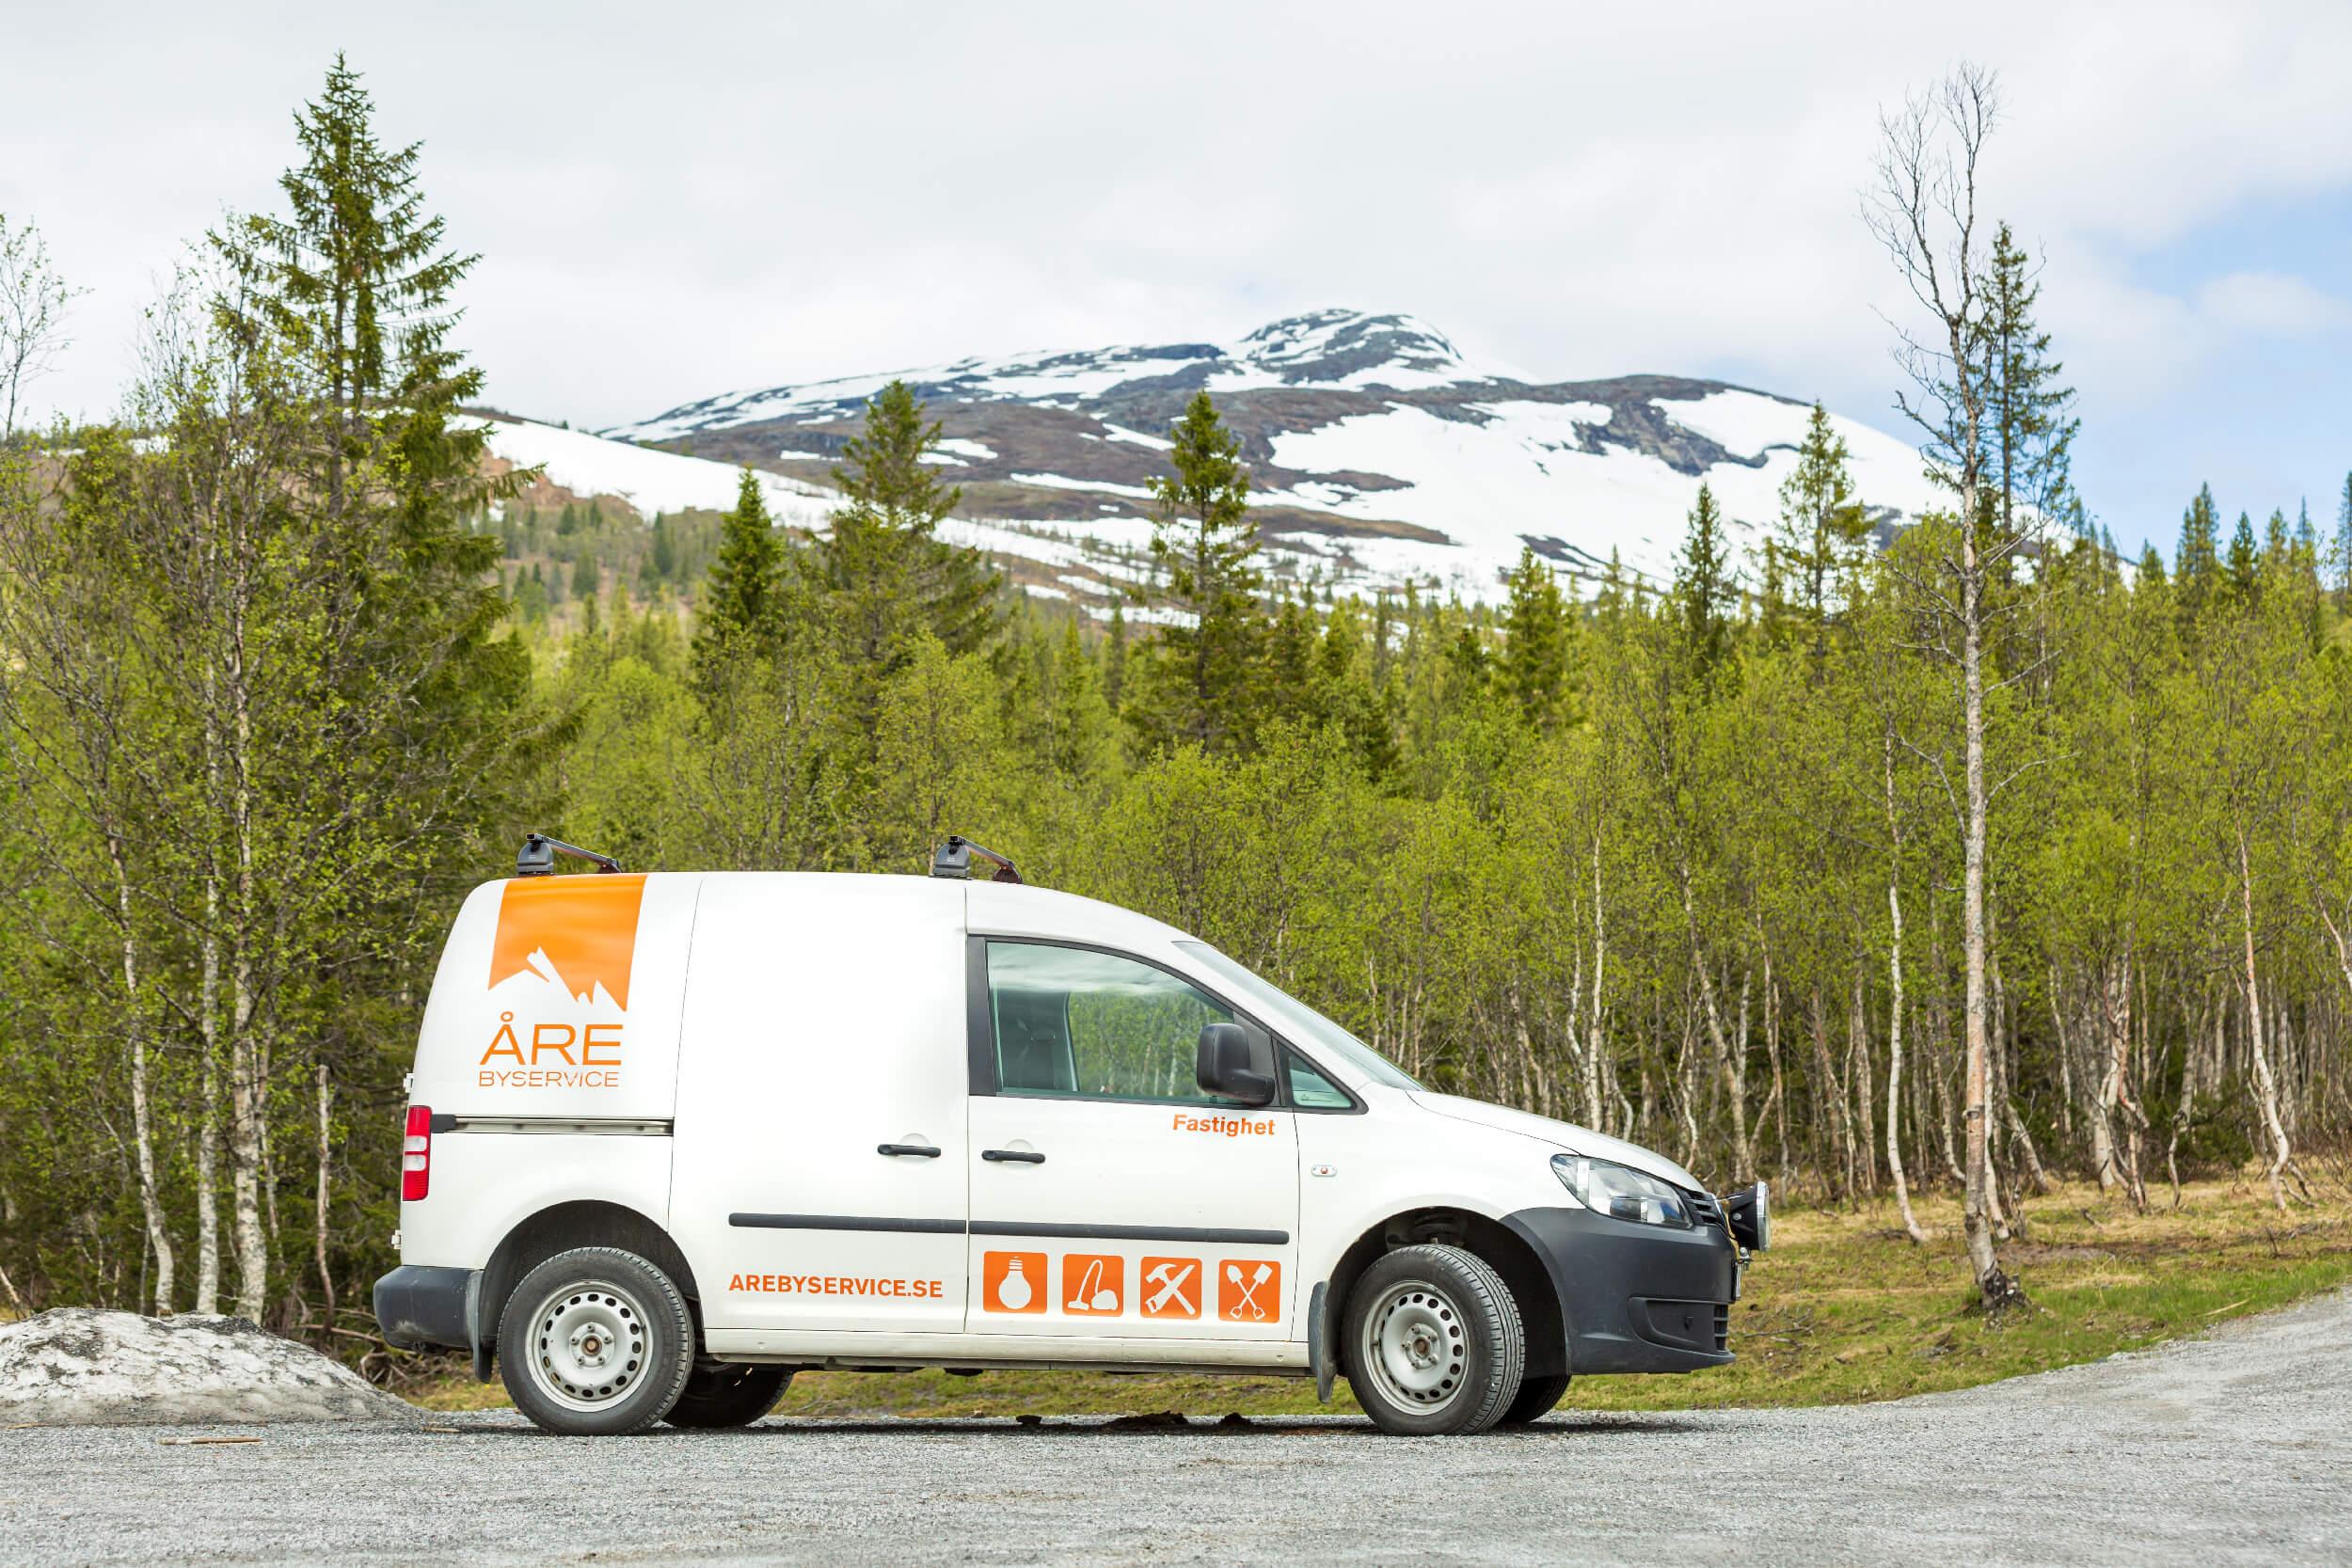 Åre Byservice, marktjänster, städservice och fastighetsservice i Åre Kommun